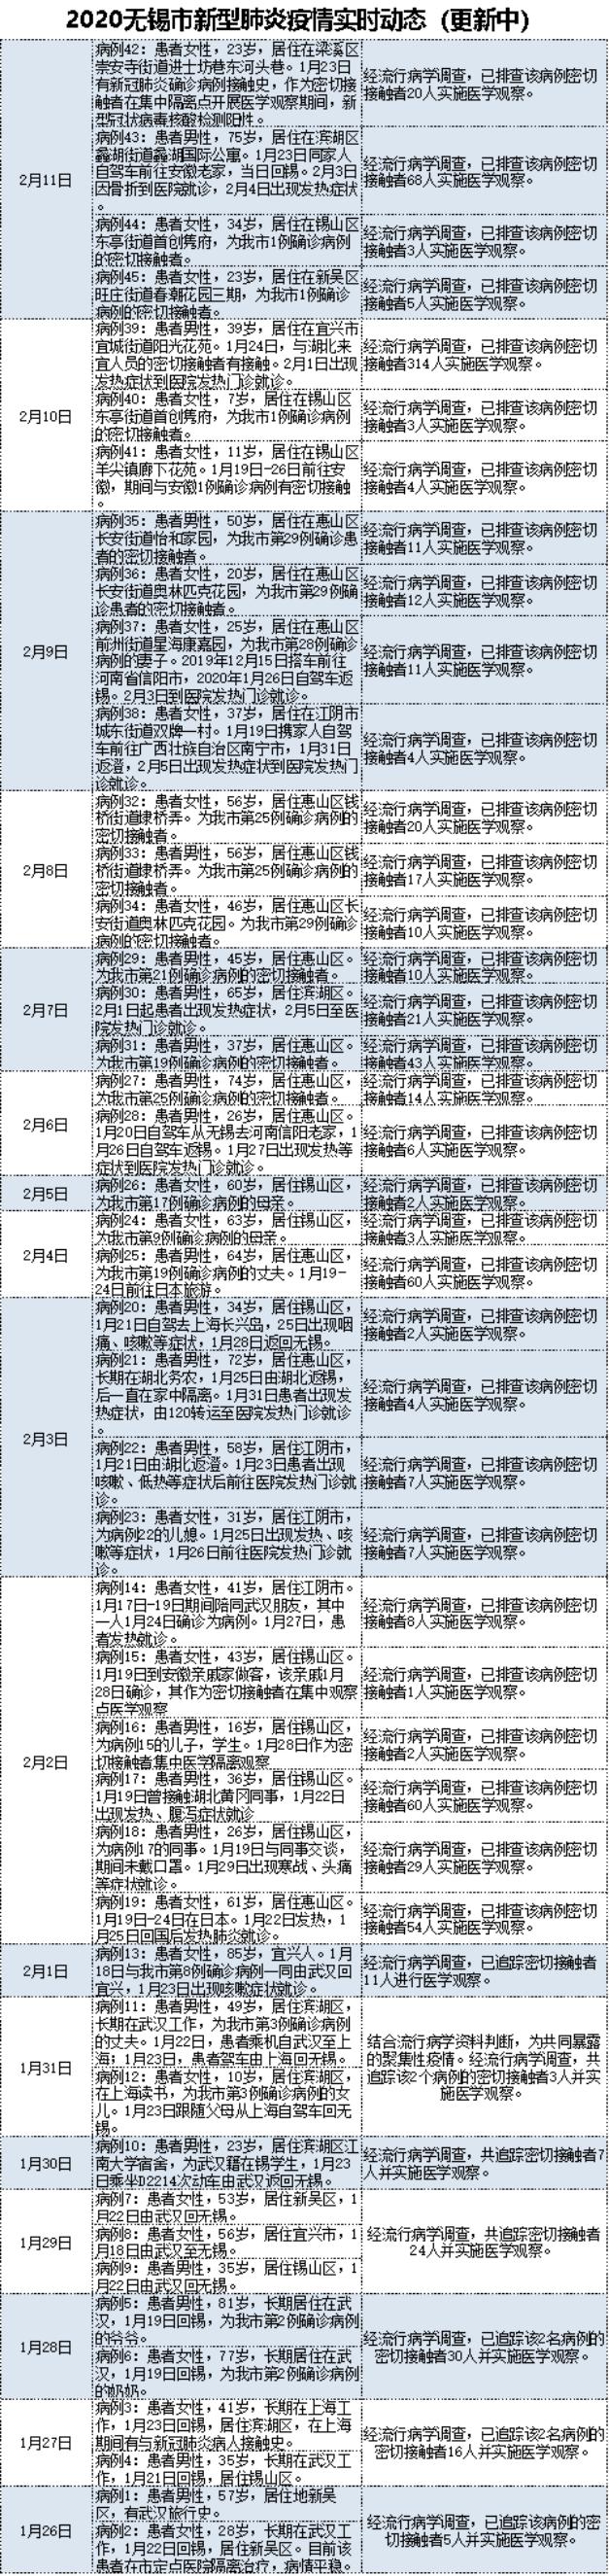 2月11日无锡市疫情动态.png